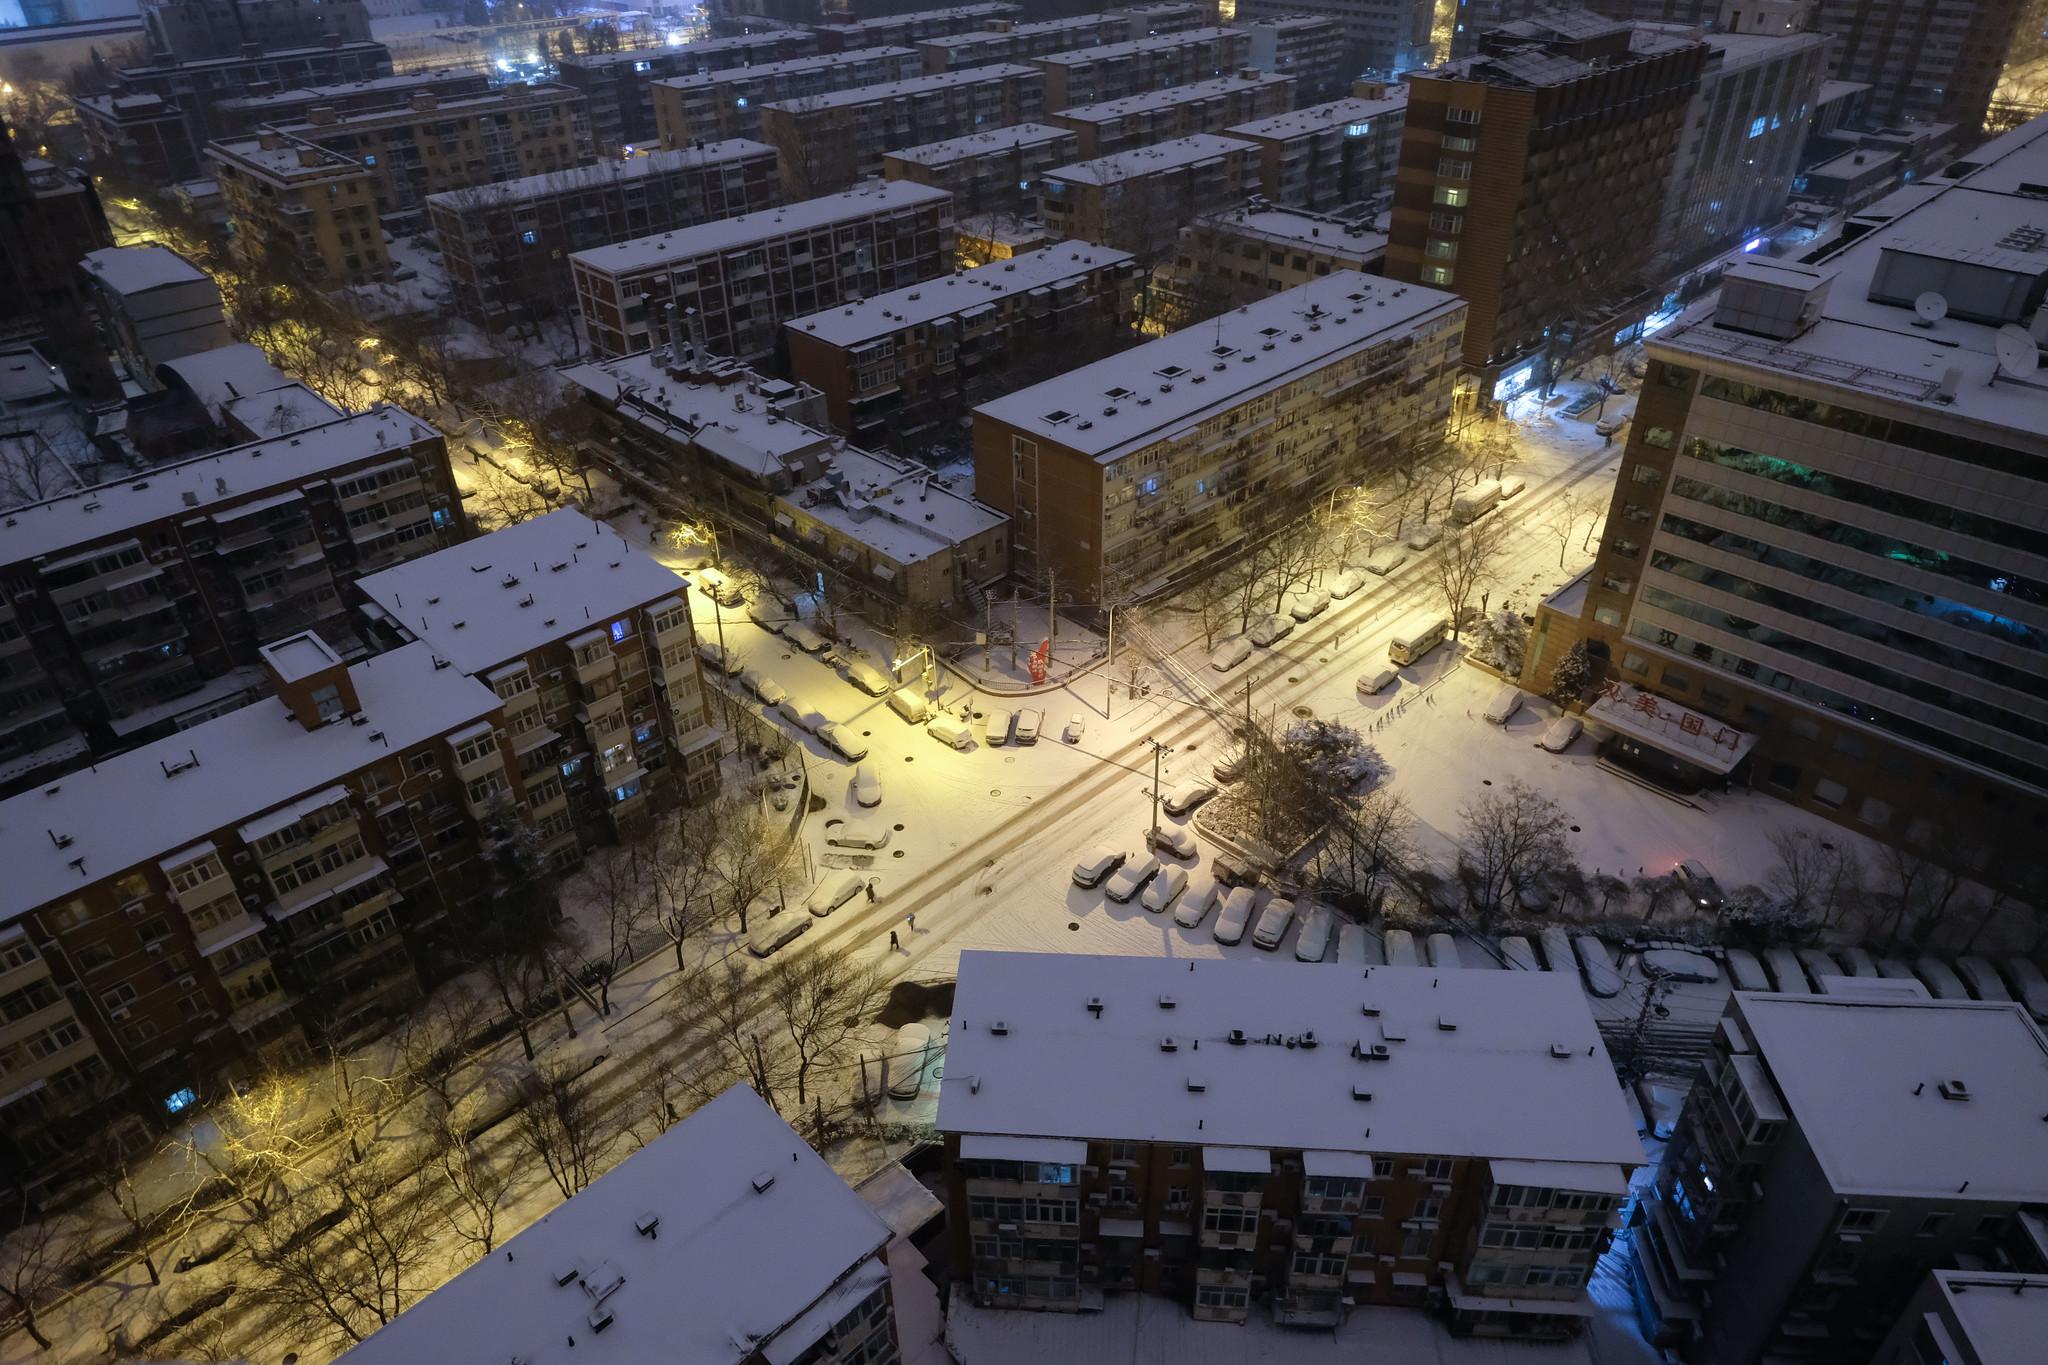 schnee-rooftop1